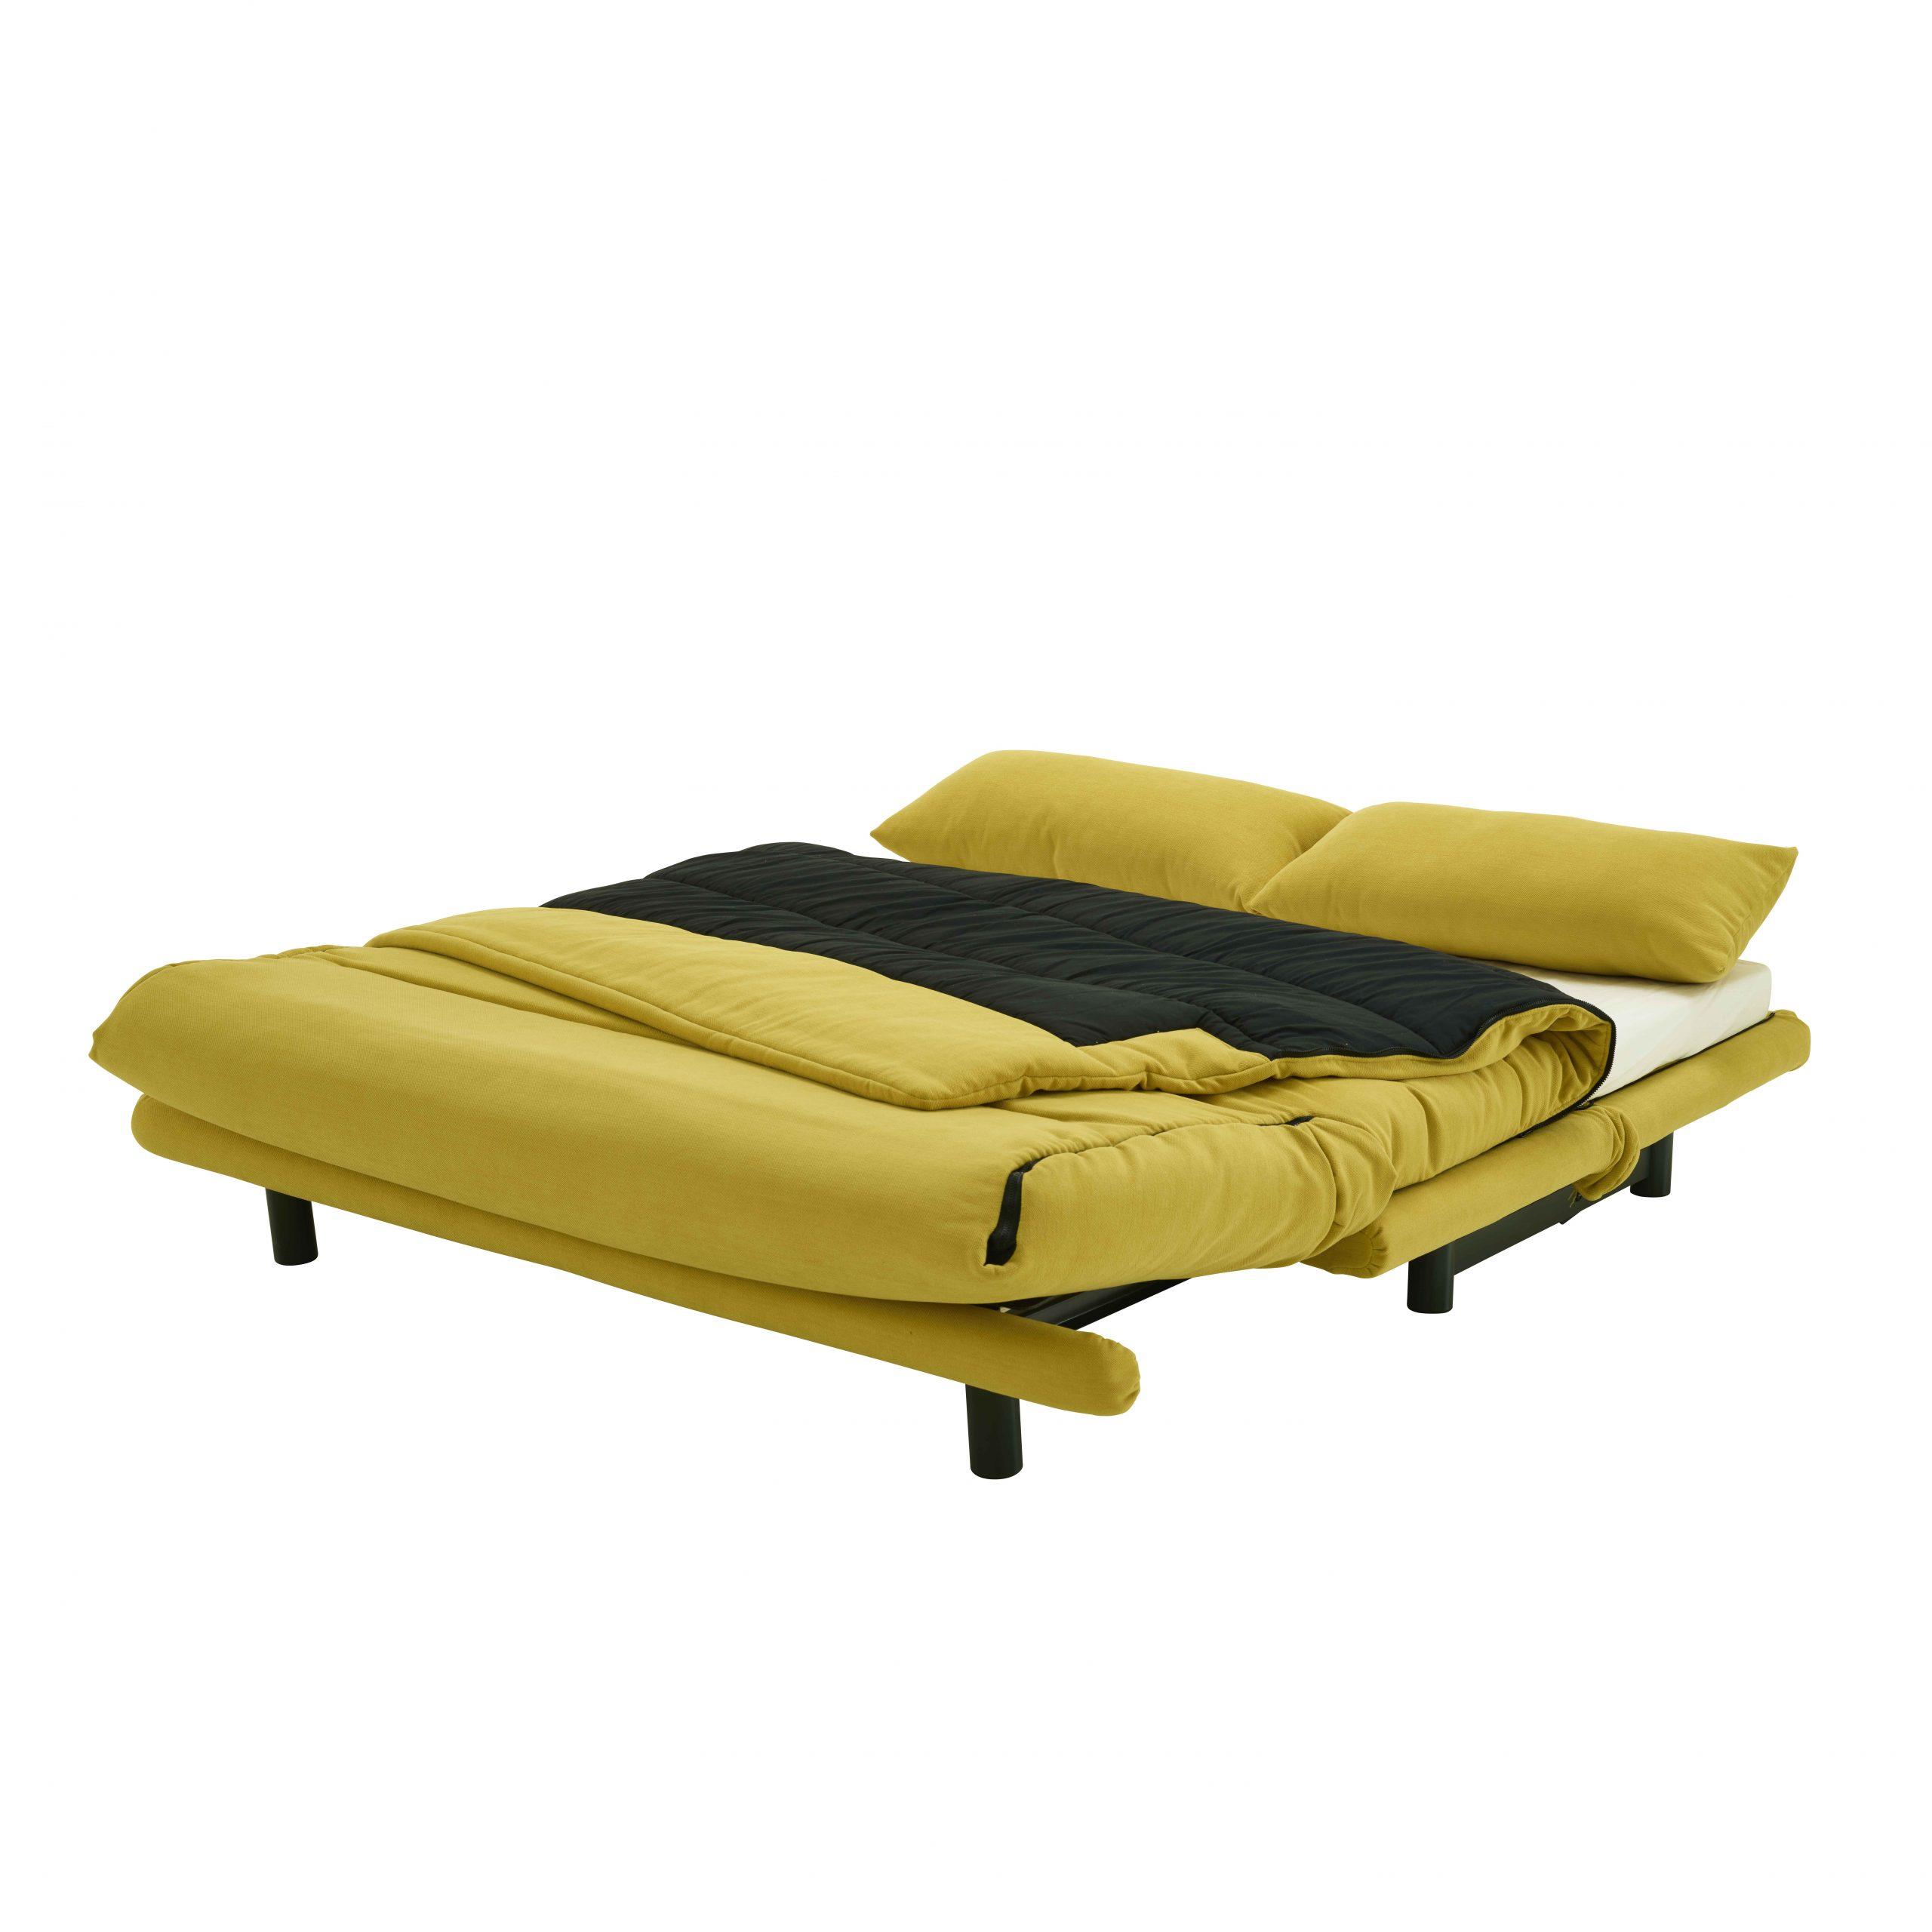 Möbel TAUSCH - einrichten - Sofa MULTY